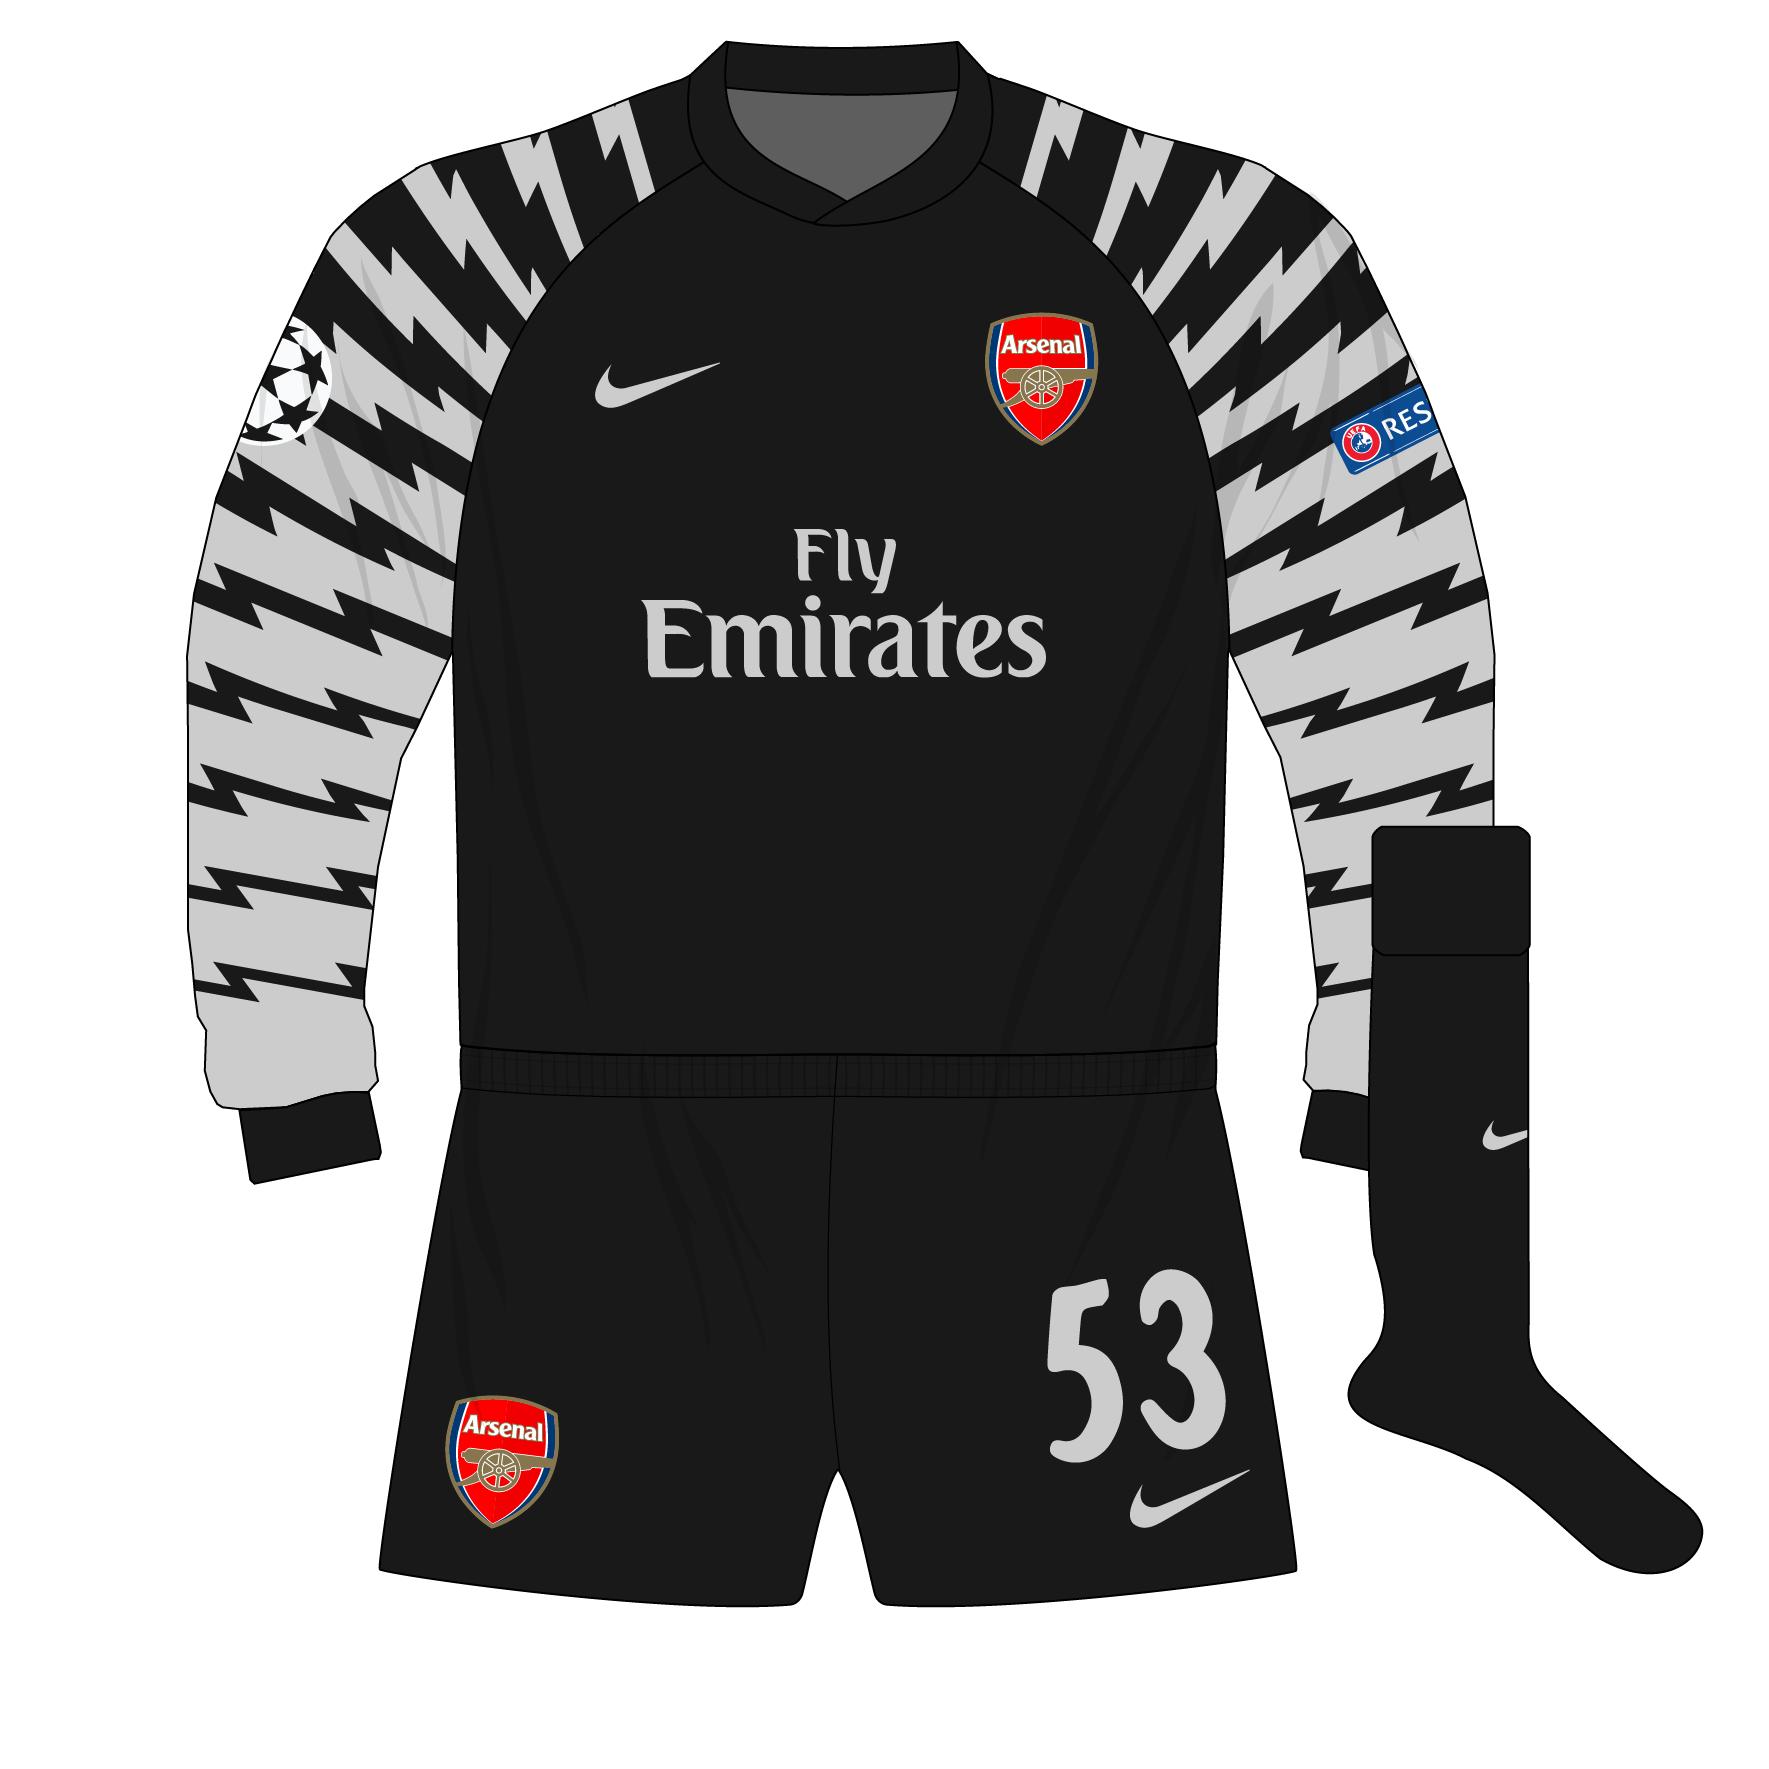 89e89a4a3f9 Arsenal-Nike-2010-2011-black-goalkeeper-shirt-kit-Szczesny-Barcelona ...